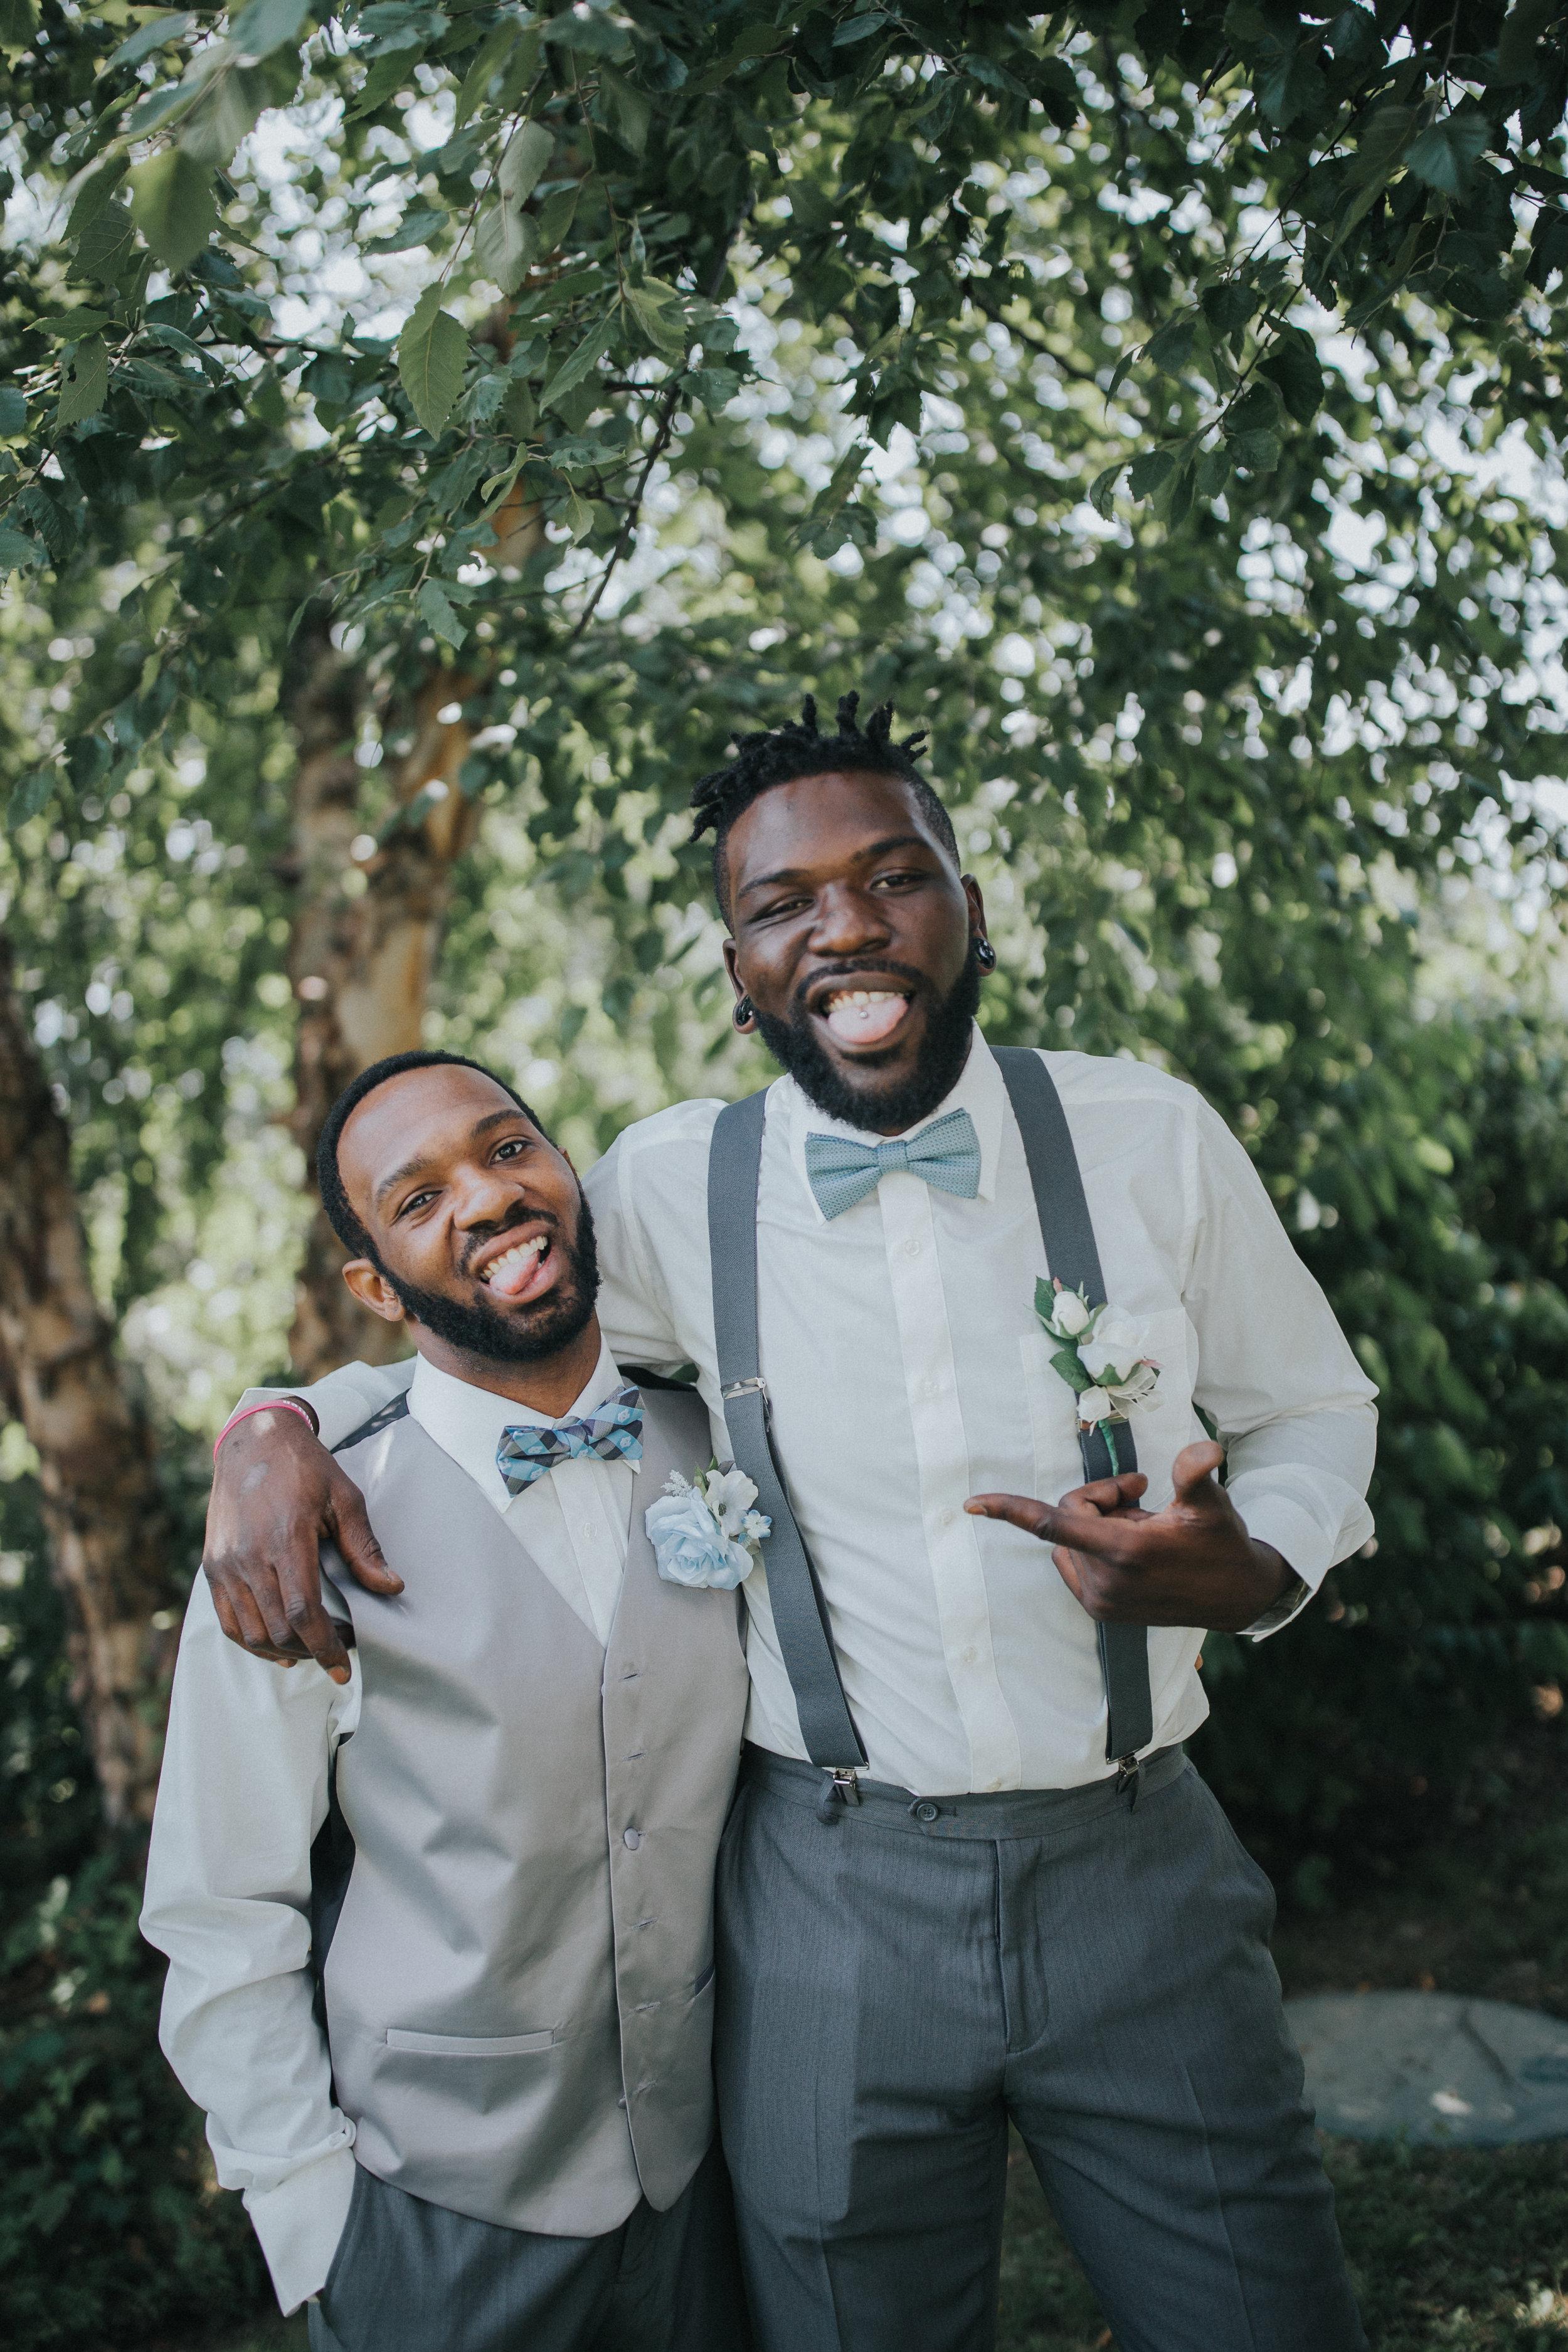 farm-wedding-september-groomsmen